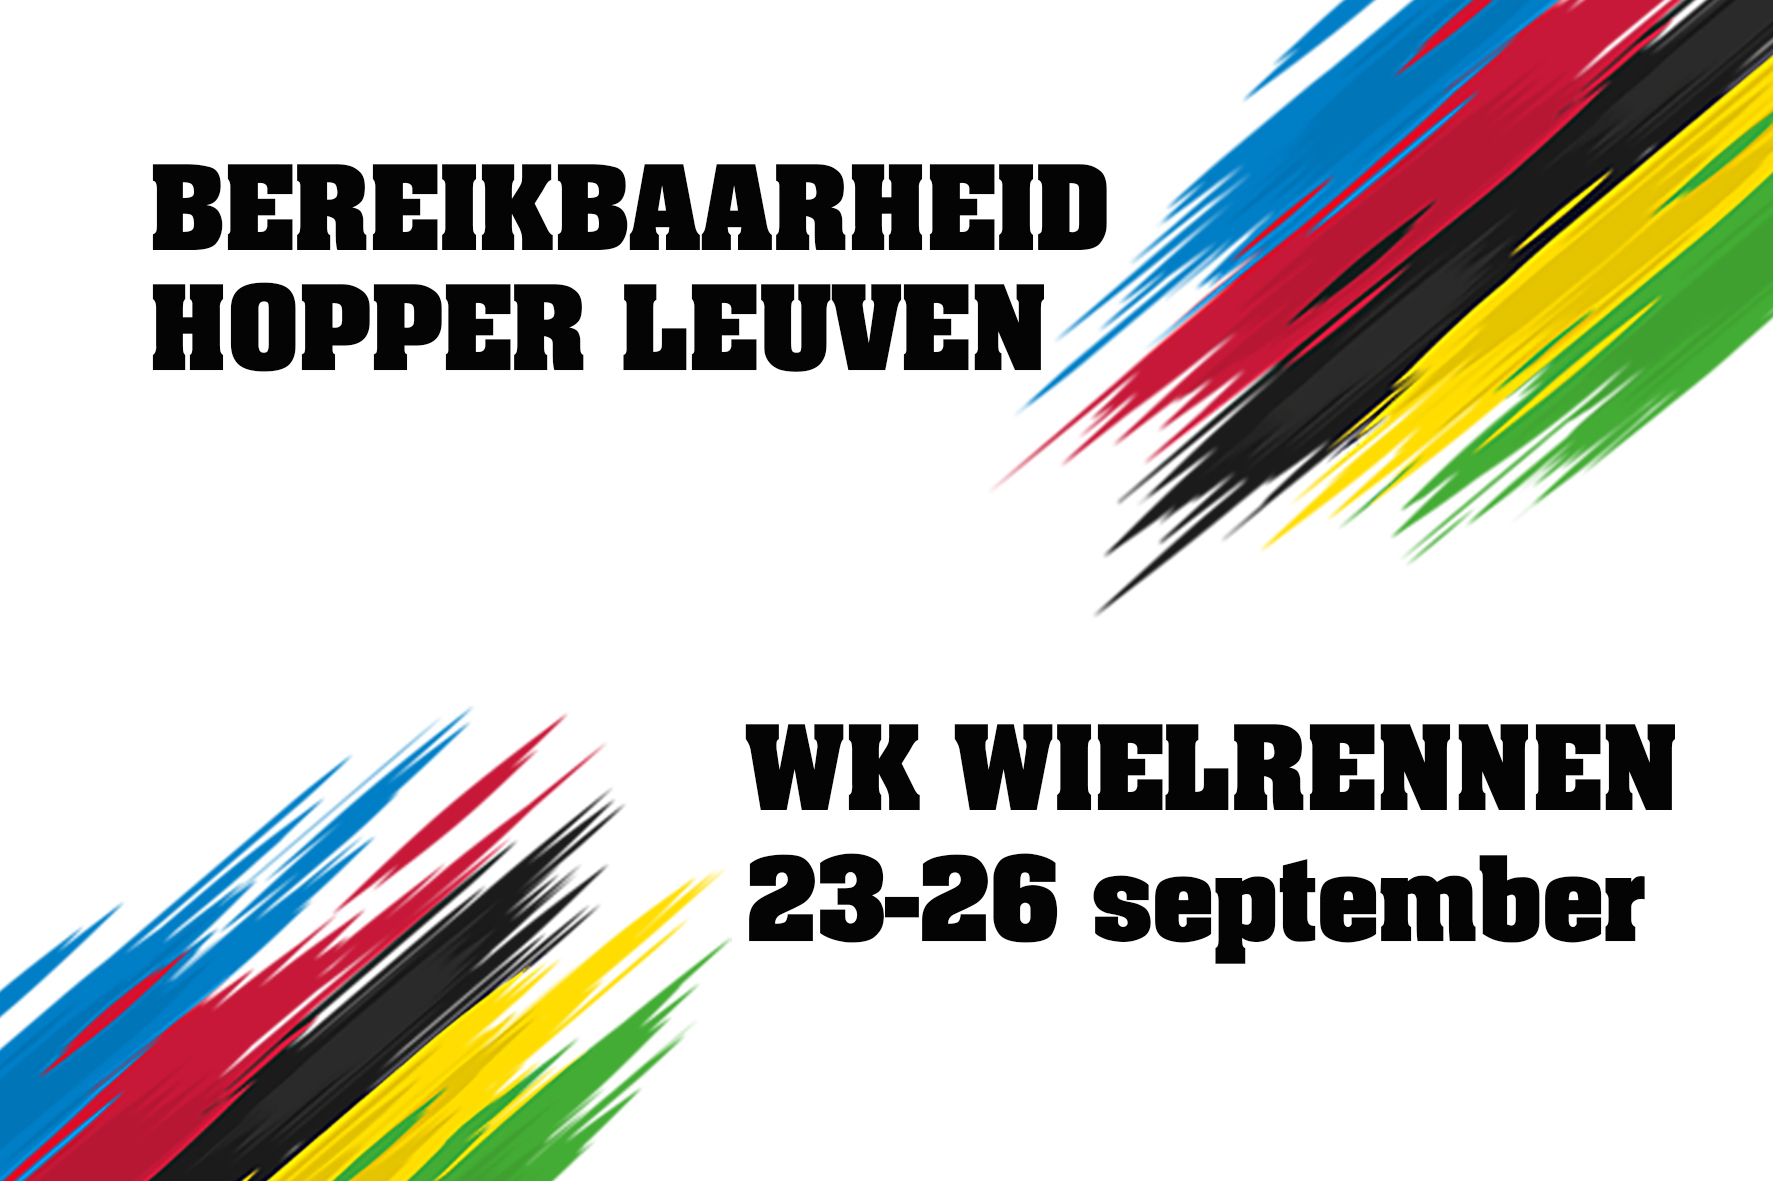 WK Wielrennen Leuven 23-26 september